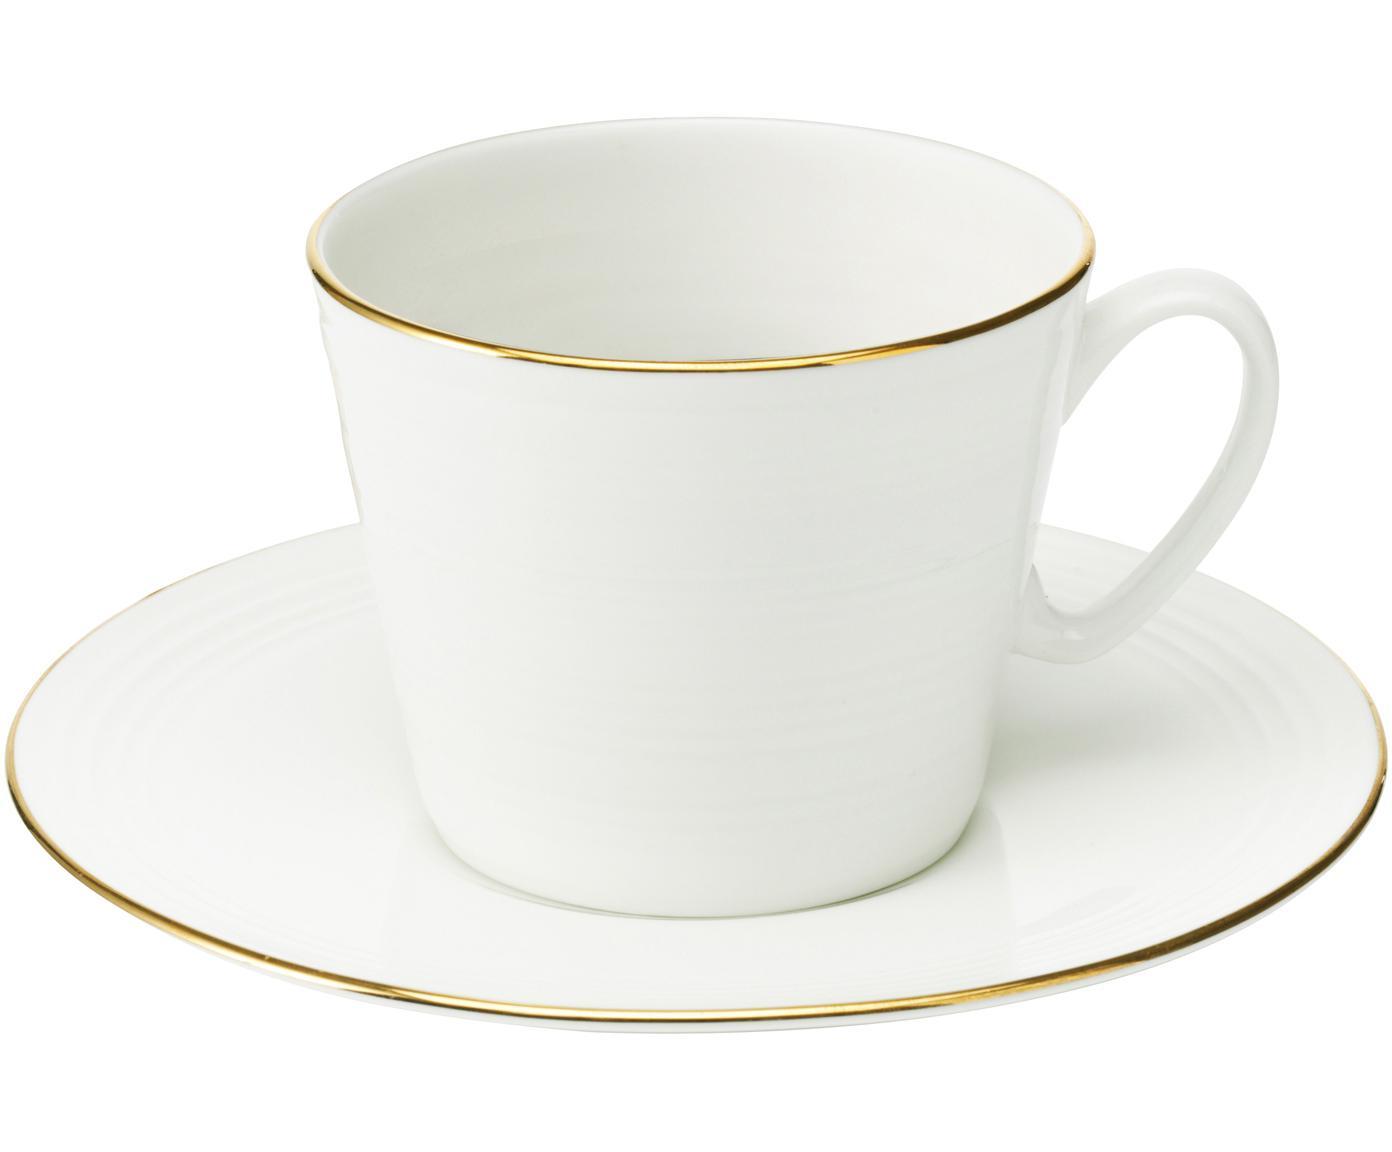 Filiżanka do kawy Cobald, 4 szt., Porcelana, Biały, odcienie złotego, Ø 9 x W 8 cm